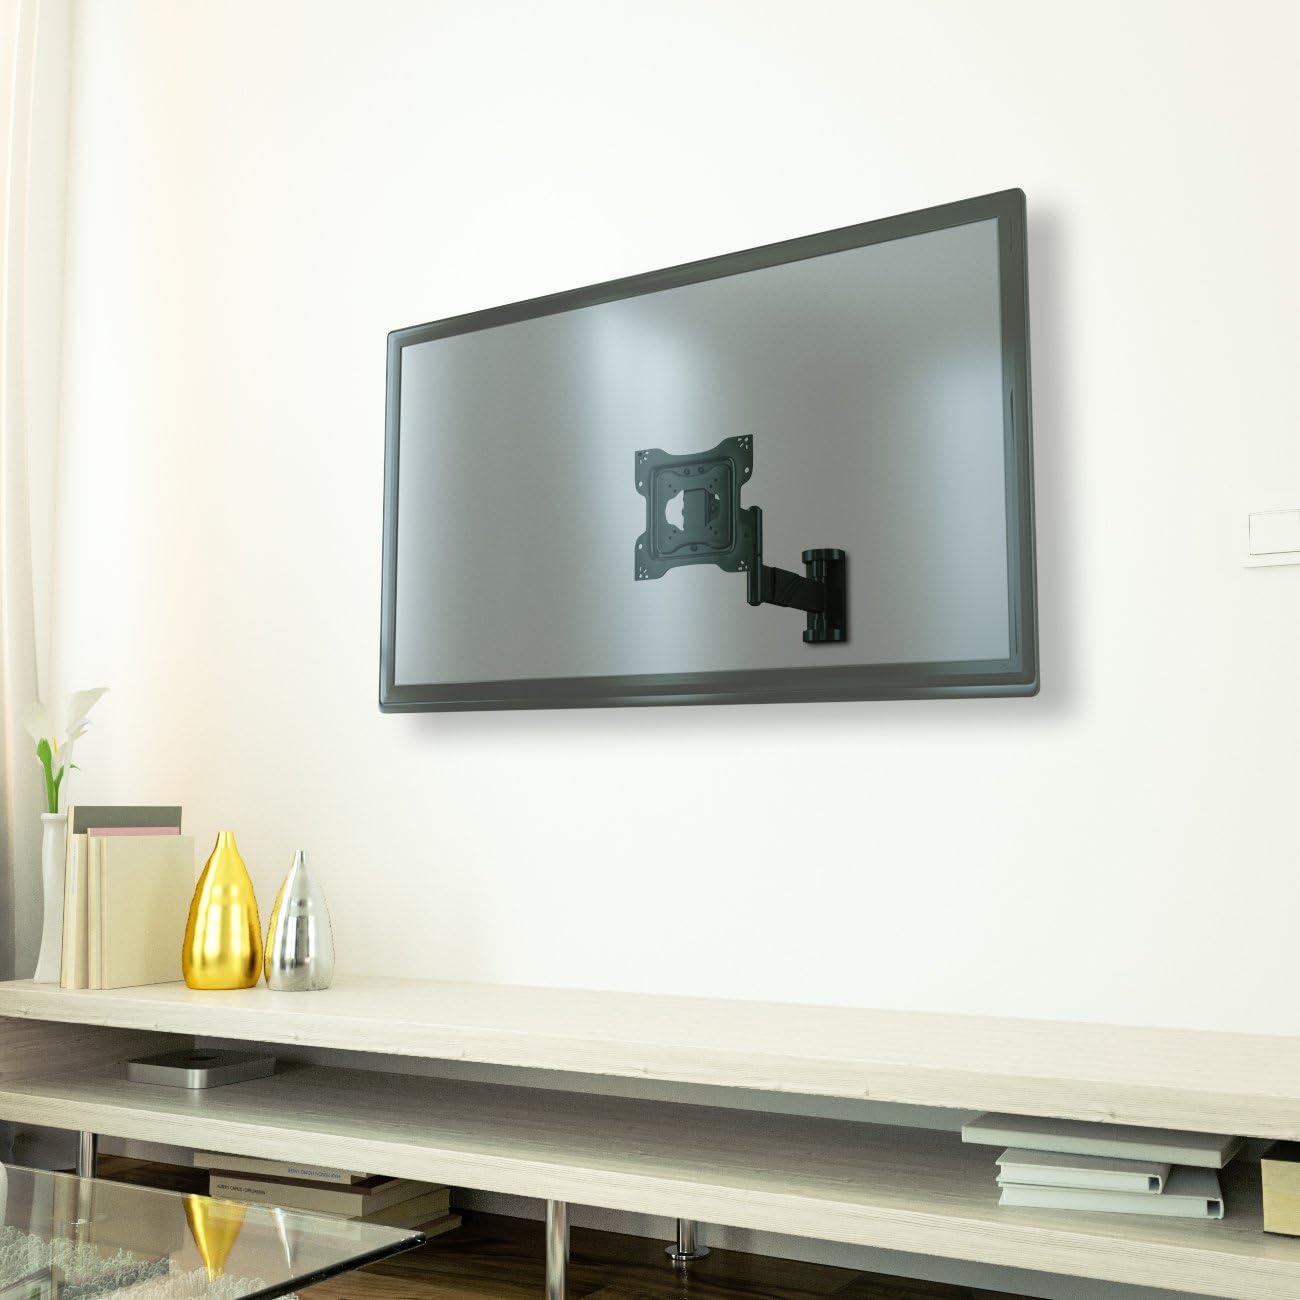 deleyCON Universal TV y Monitor de Montaje en Pared: Amazon.es: Electrónica